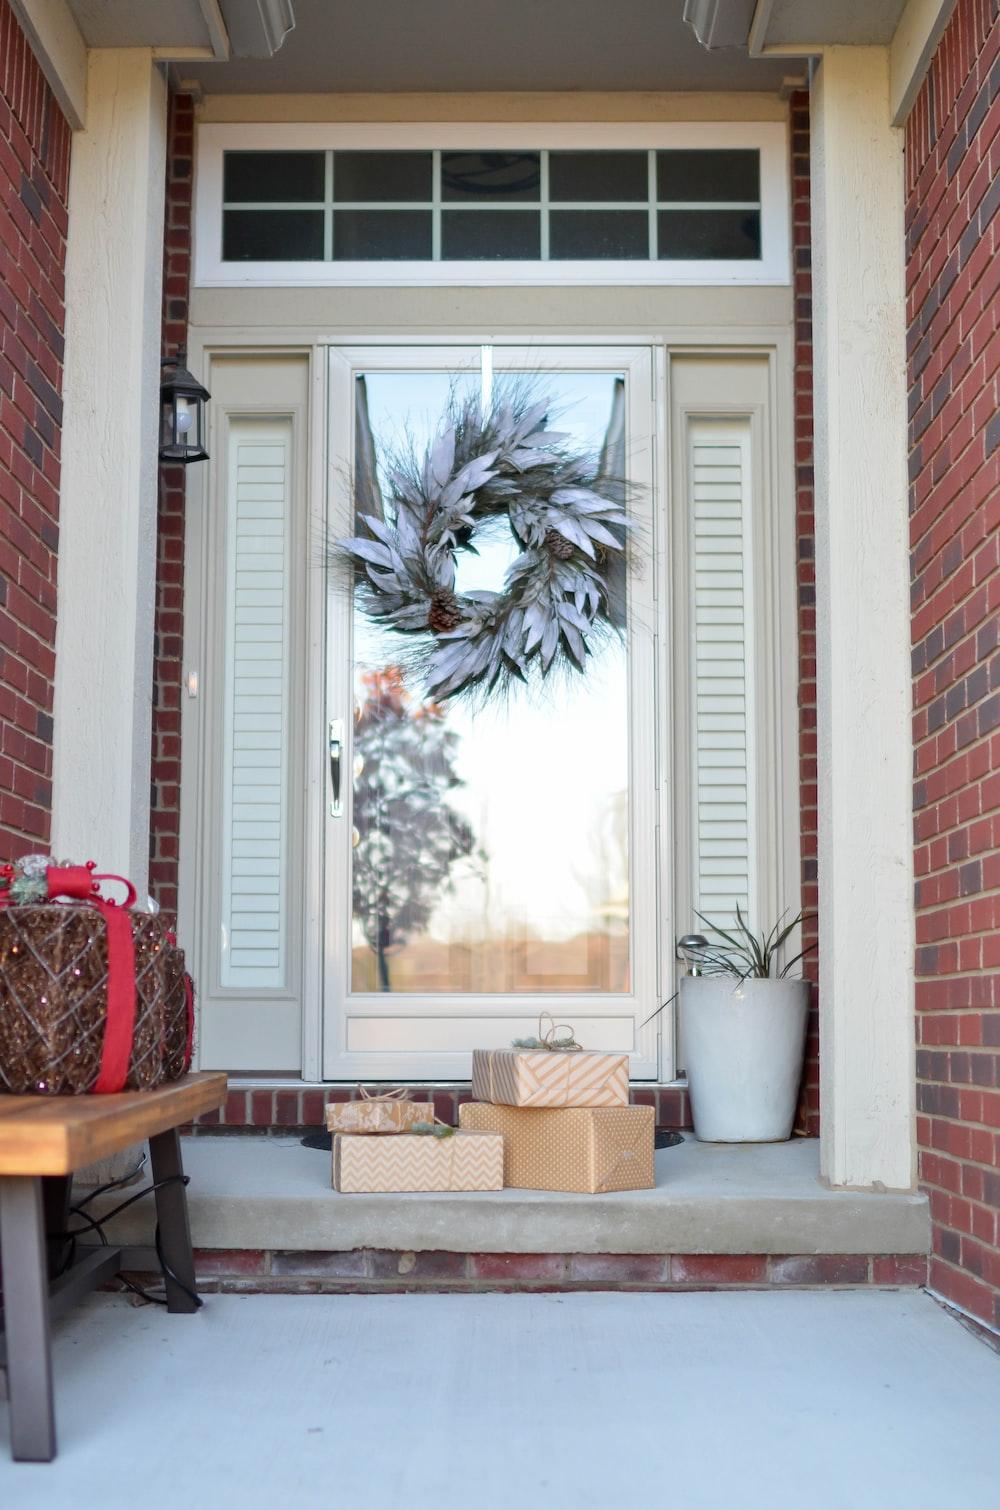 wreath hanging on full-lite door of house